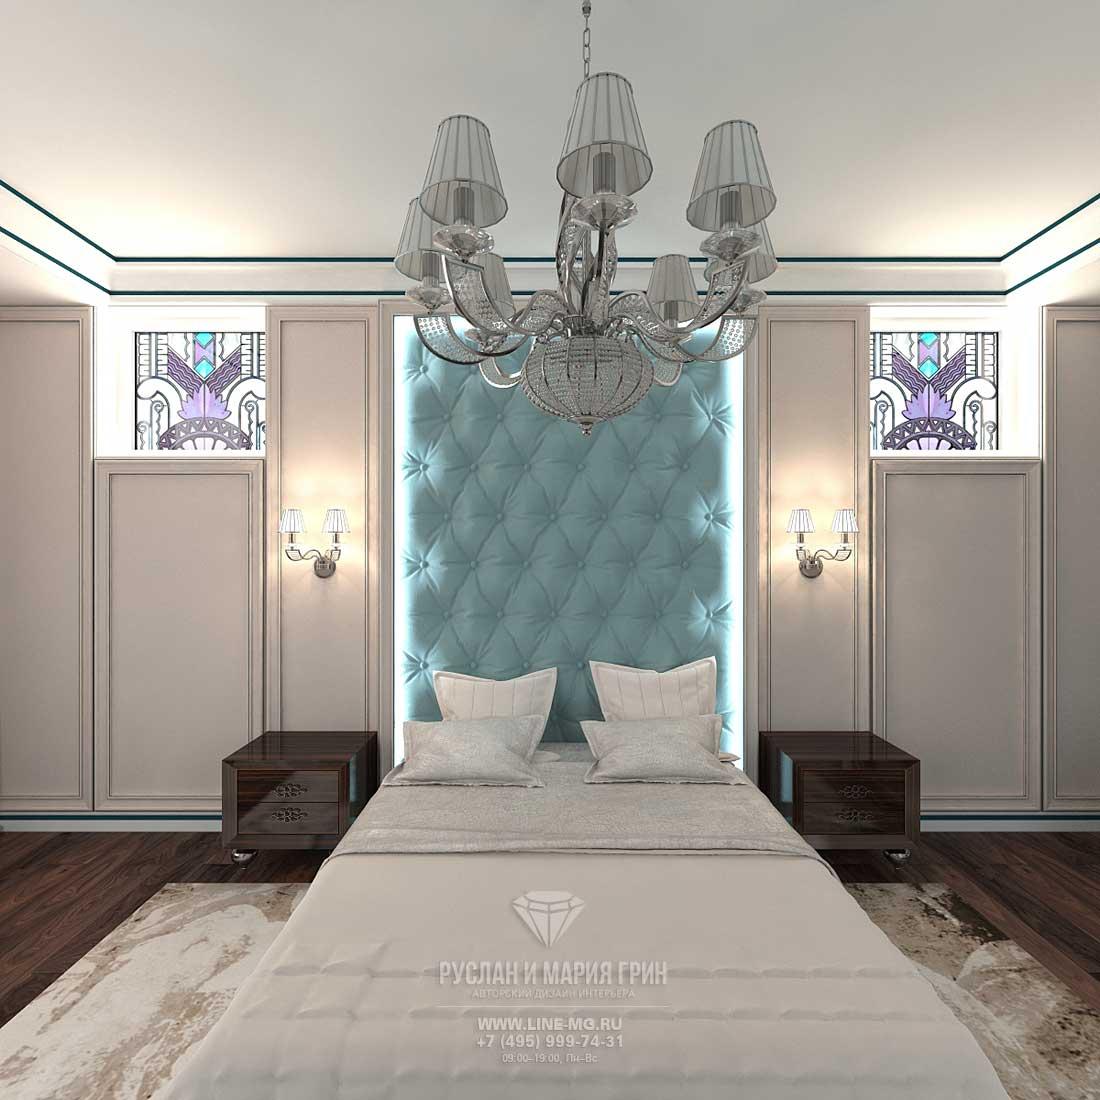 Современная идея дизайн спальни в стиле арт-деко